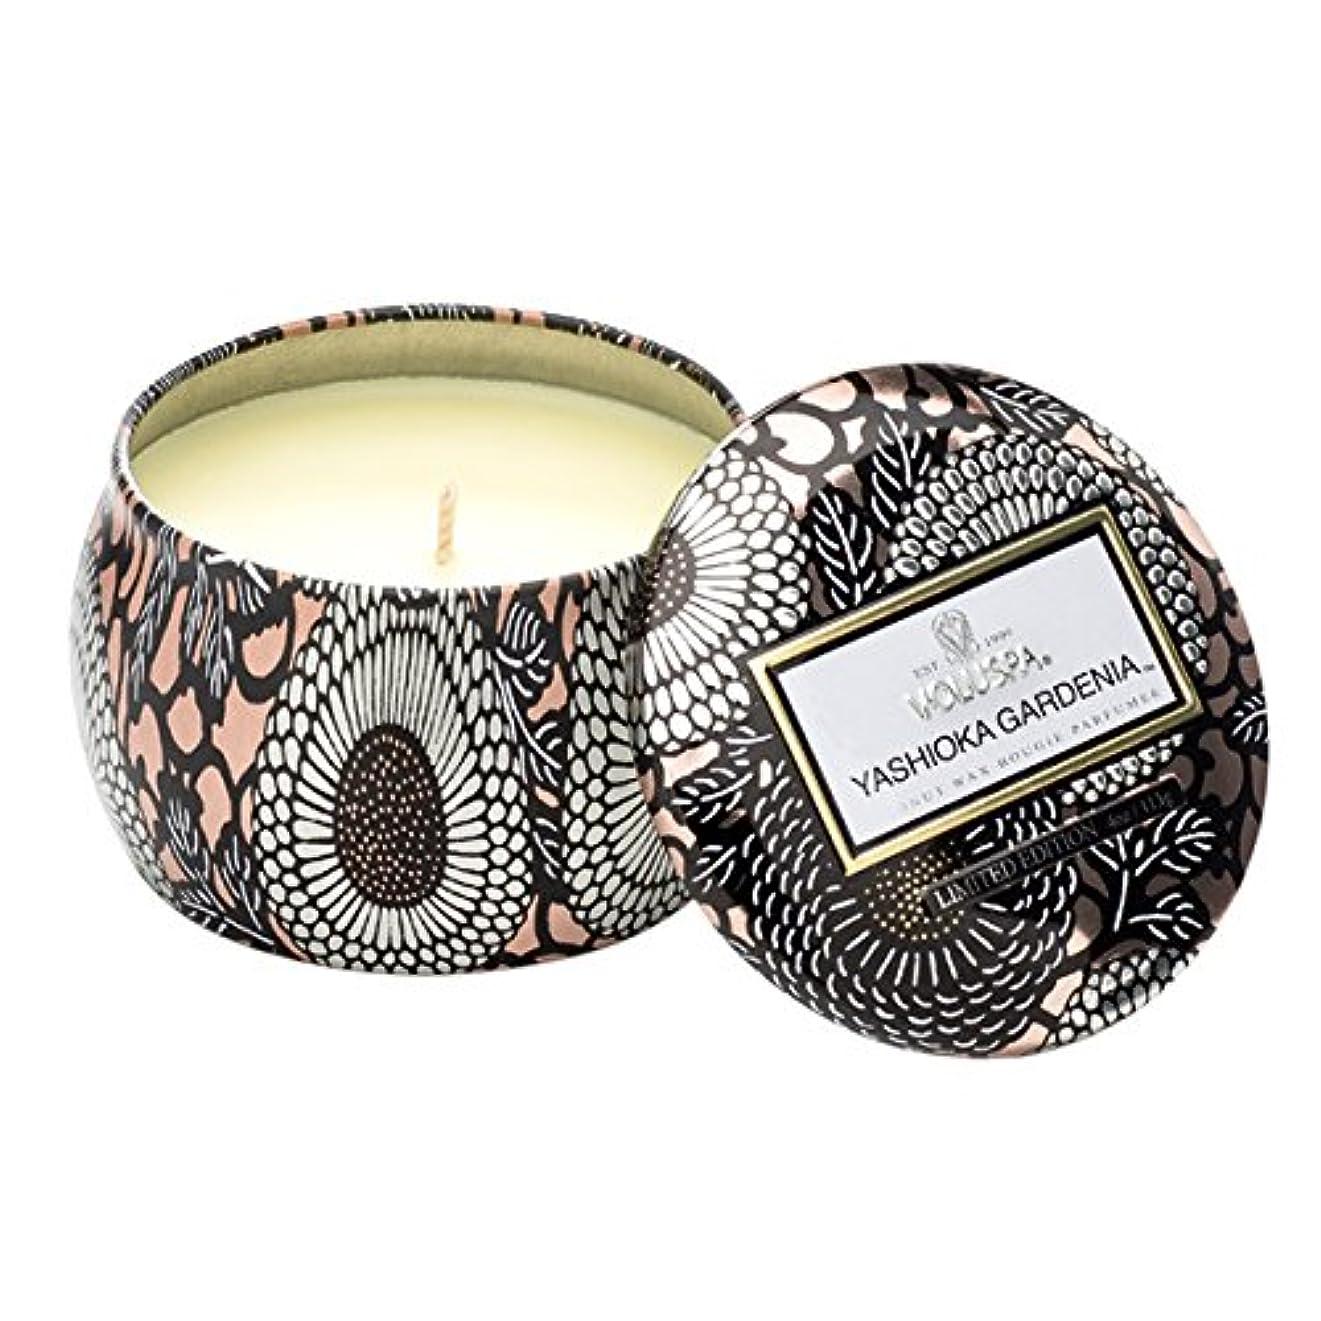 上級通訳前方へVoluspa ボルスパ ジャポニカ リミテッド ティンキャンドル  S ヤシオカガーデニア YASHIOKA GARDENIA JAPONICA Limited PETITE Tin Glass Candle